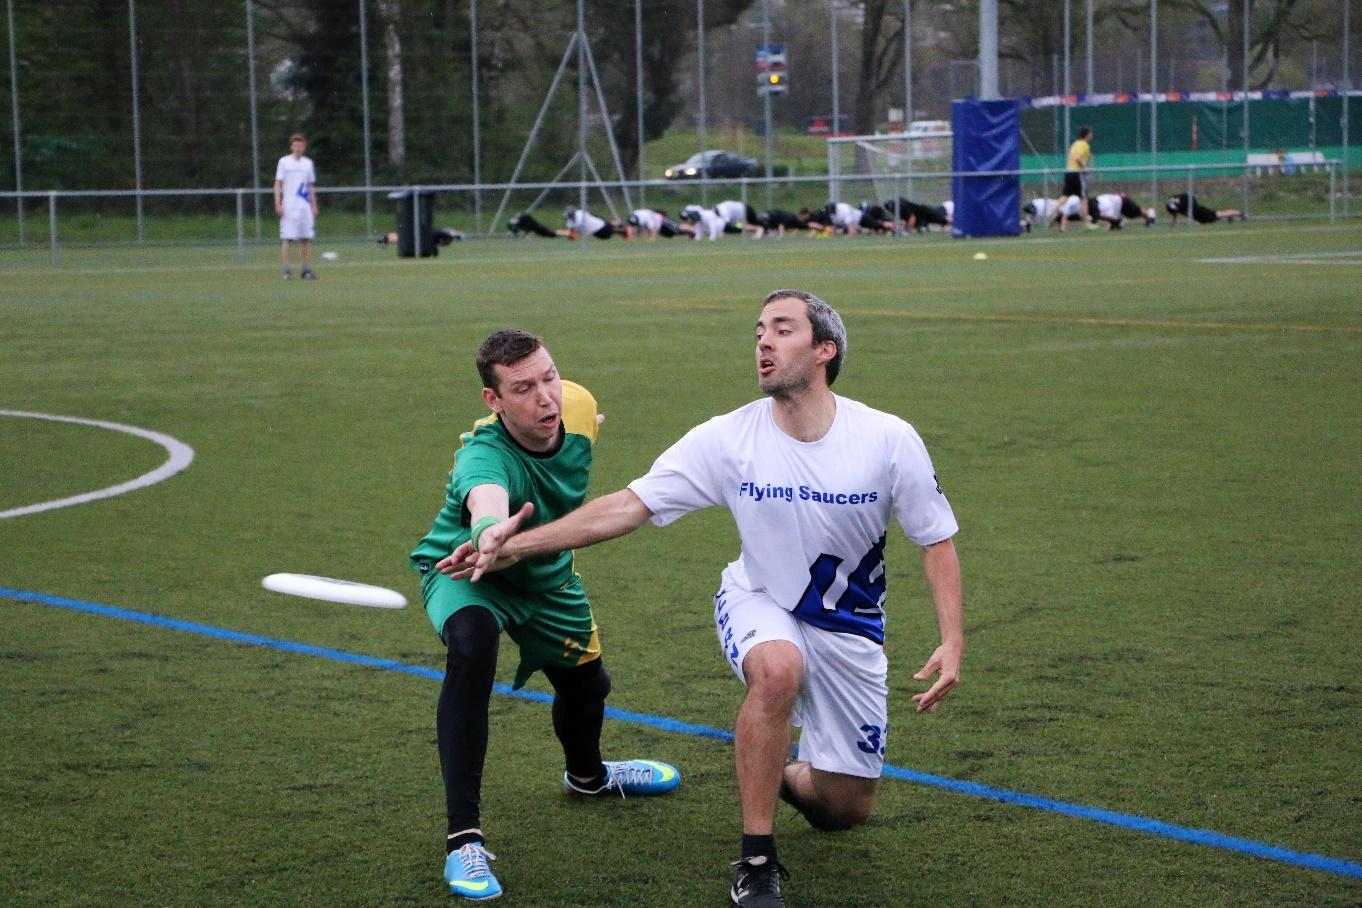 Andreas Wehrle von den Flying Saucers Luzern (im weissen Dress) spielt den Frisbee gekonnt am Gegner vorbei. Bild zVg.